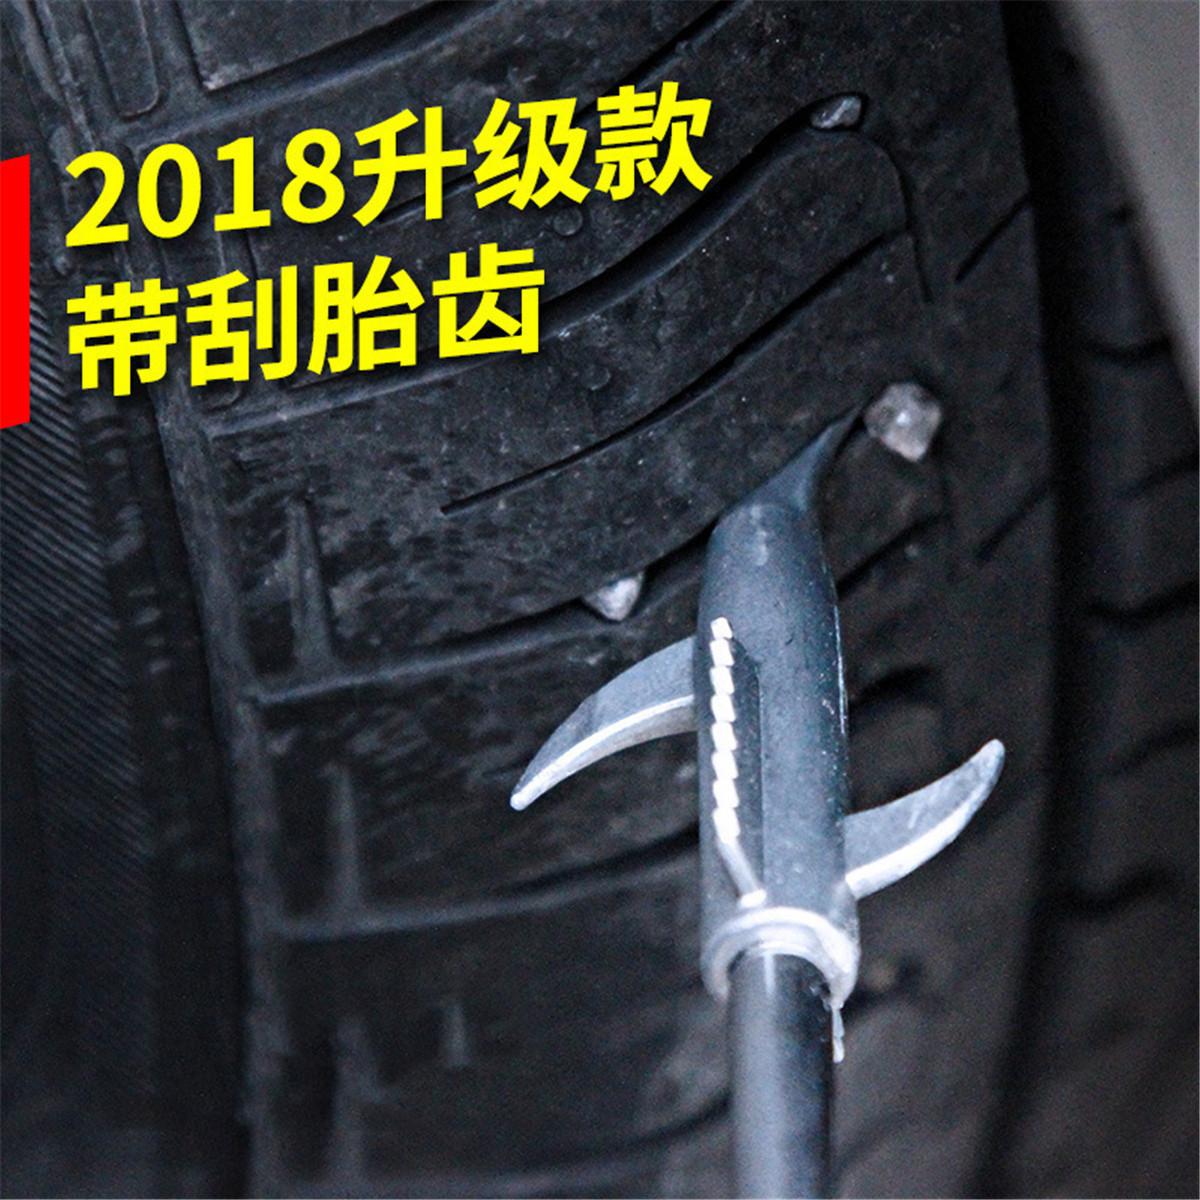 车太太 汽车轮胎清理钩勾石子清理工具去除小石头多功能器挑抠挖剔钩车胎